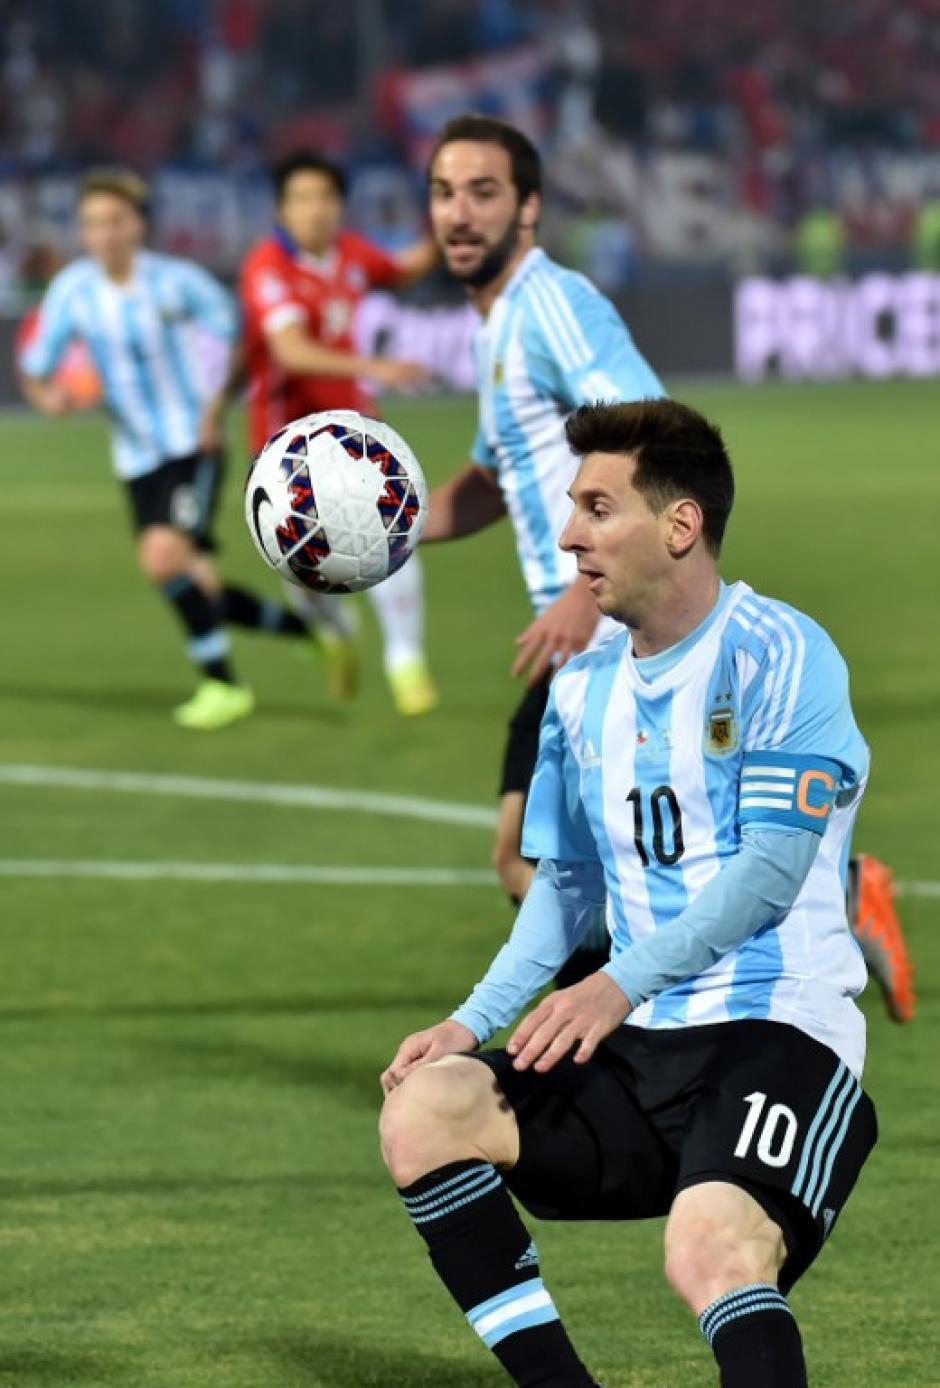 Messi con el balón, al fondo observa Gonzalo Higuaín. (Foto: AFP)